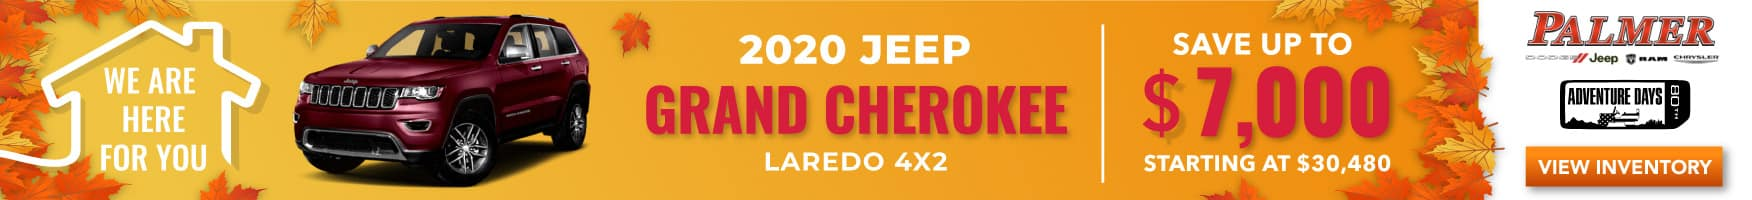 grand cherokee laredo srp